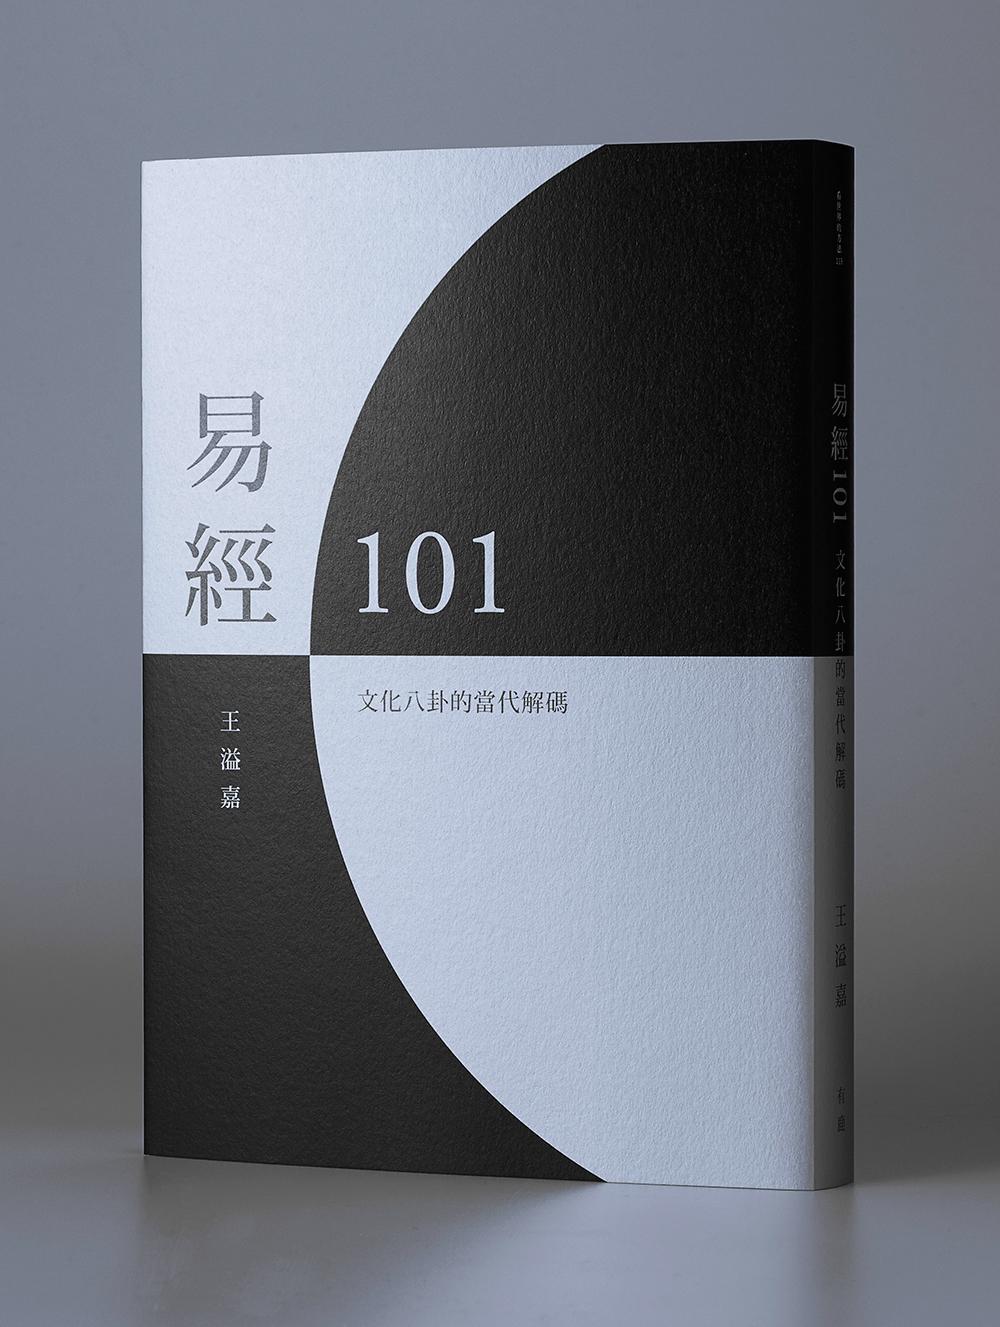 《易經101:文化八卦的當代解碼》封面設計 on Behance